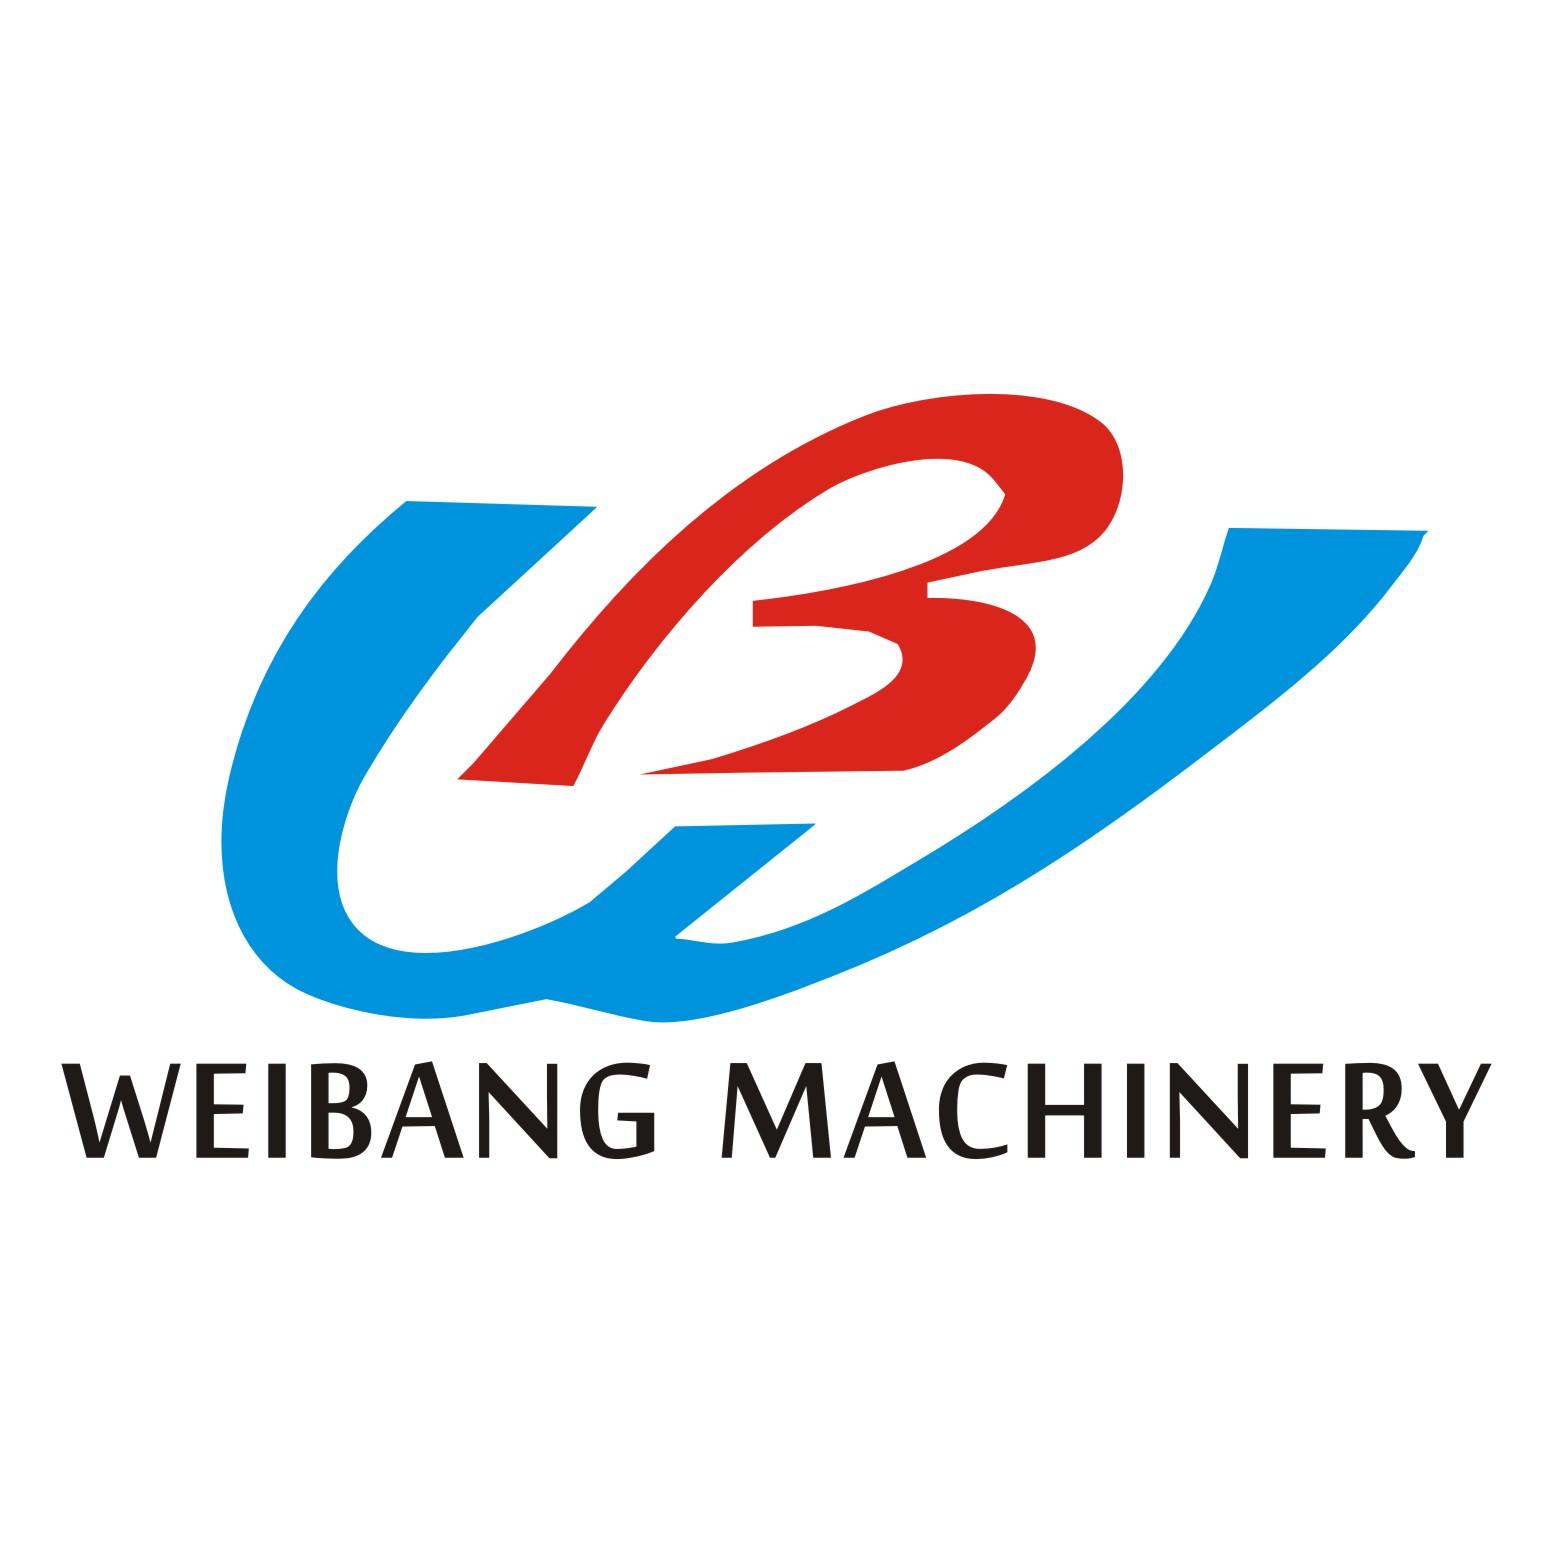 溫州威邦機械有限公司專業生產凹版印刷機